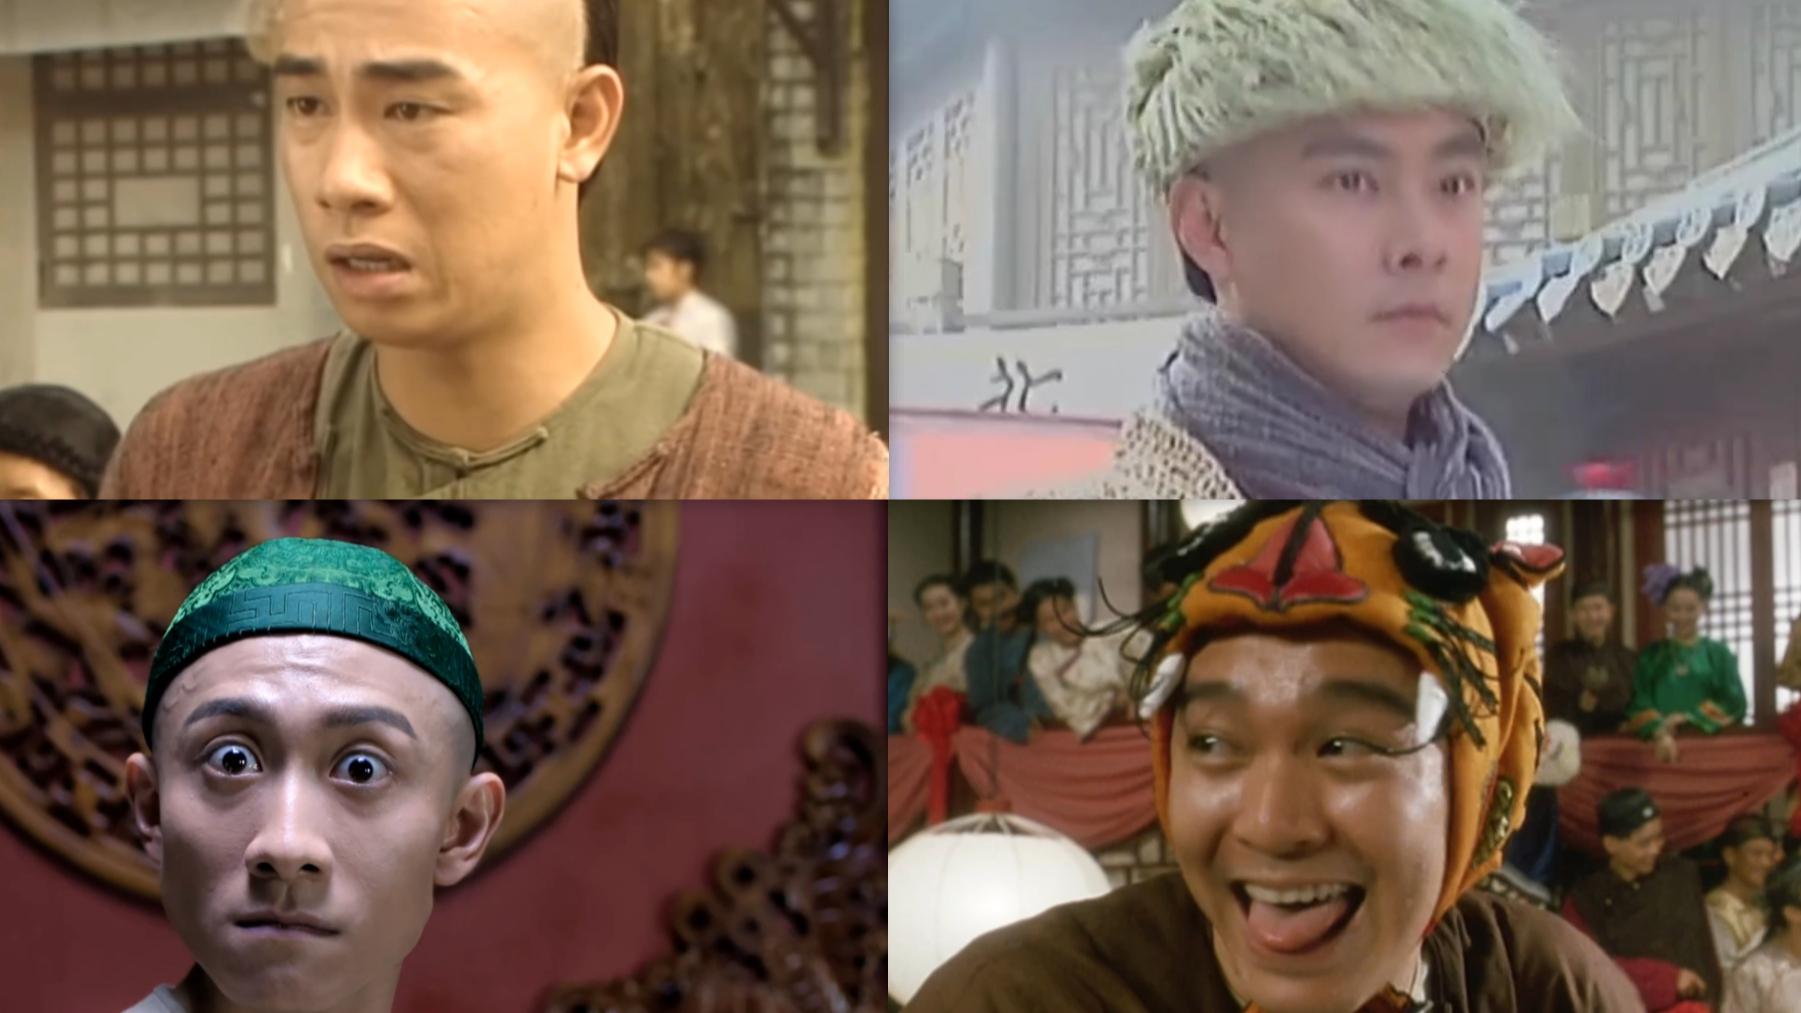 四个版本的韦小宝说书片段对比 你最喜欢哪个版本的